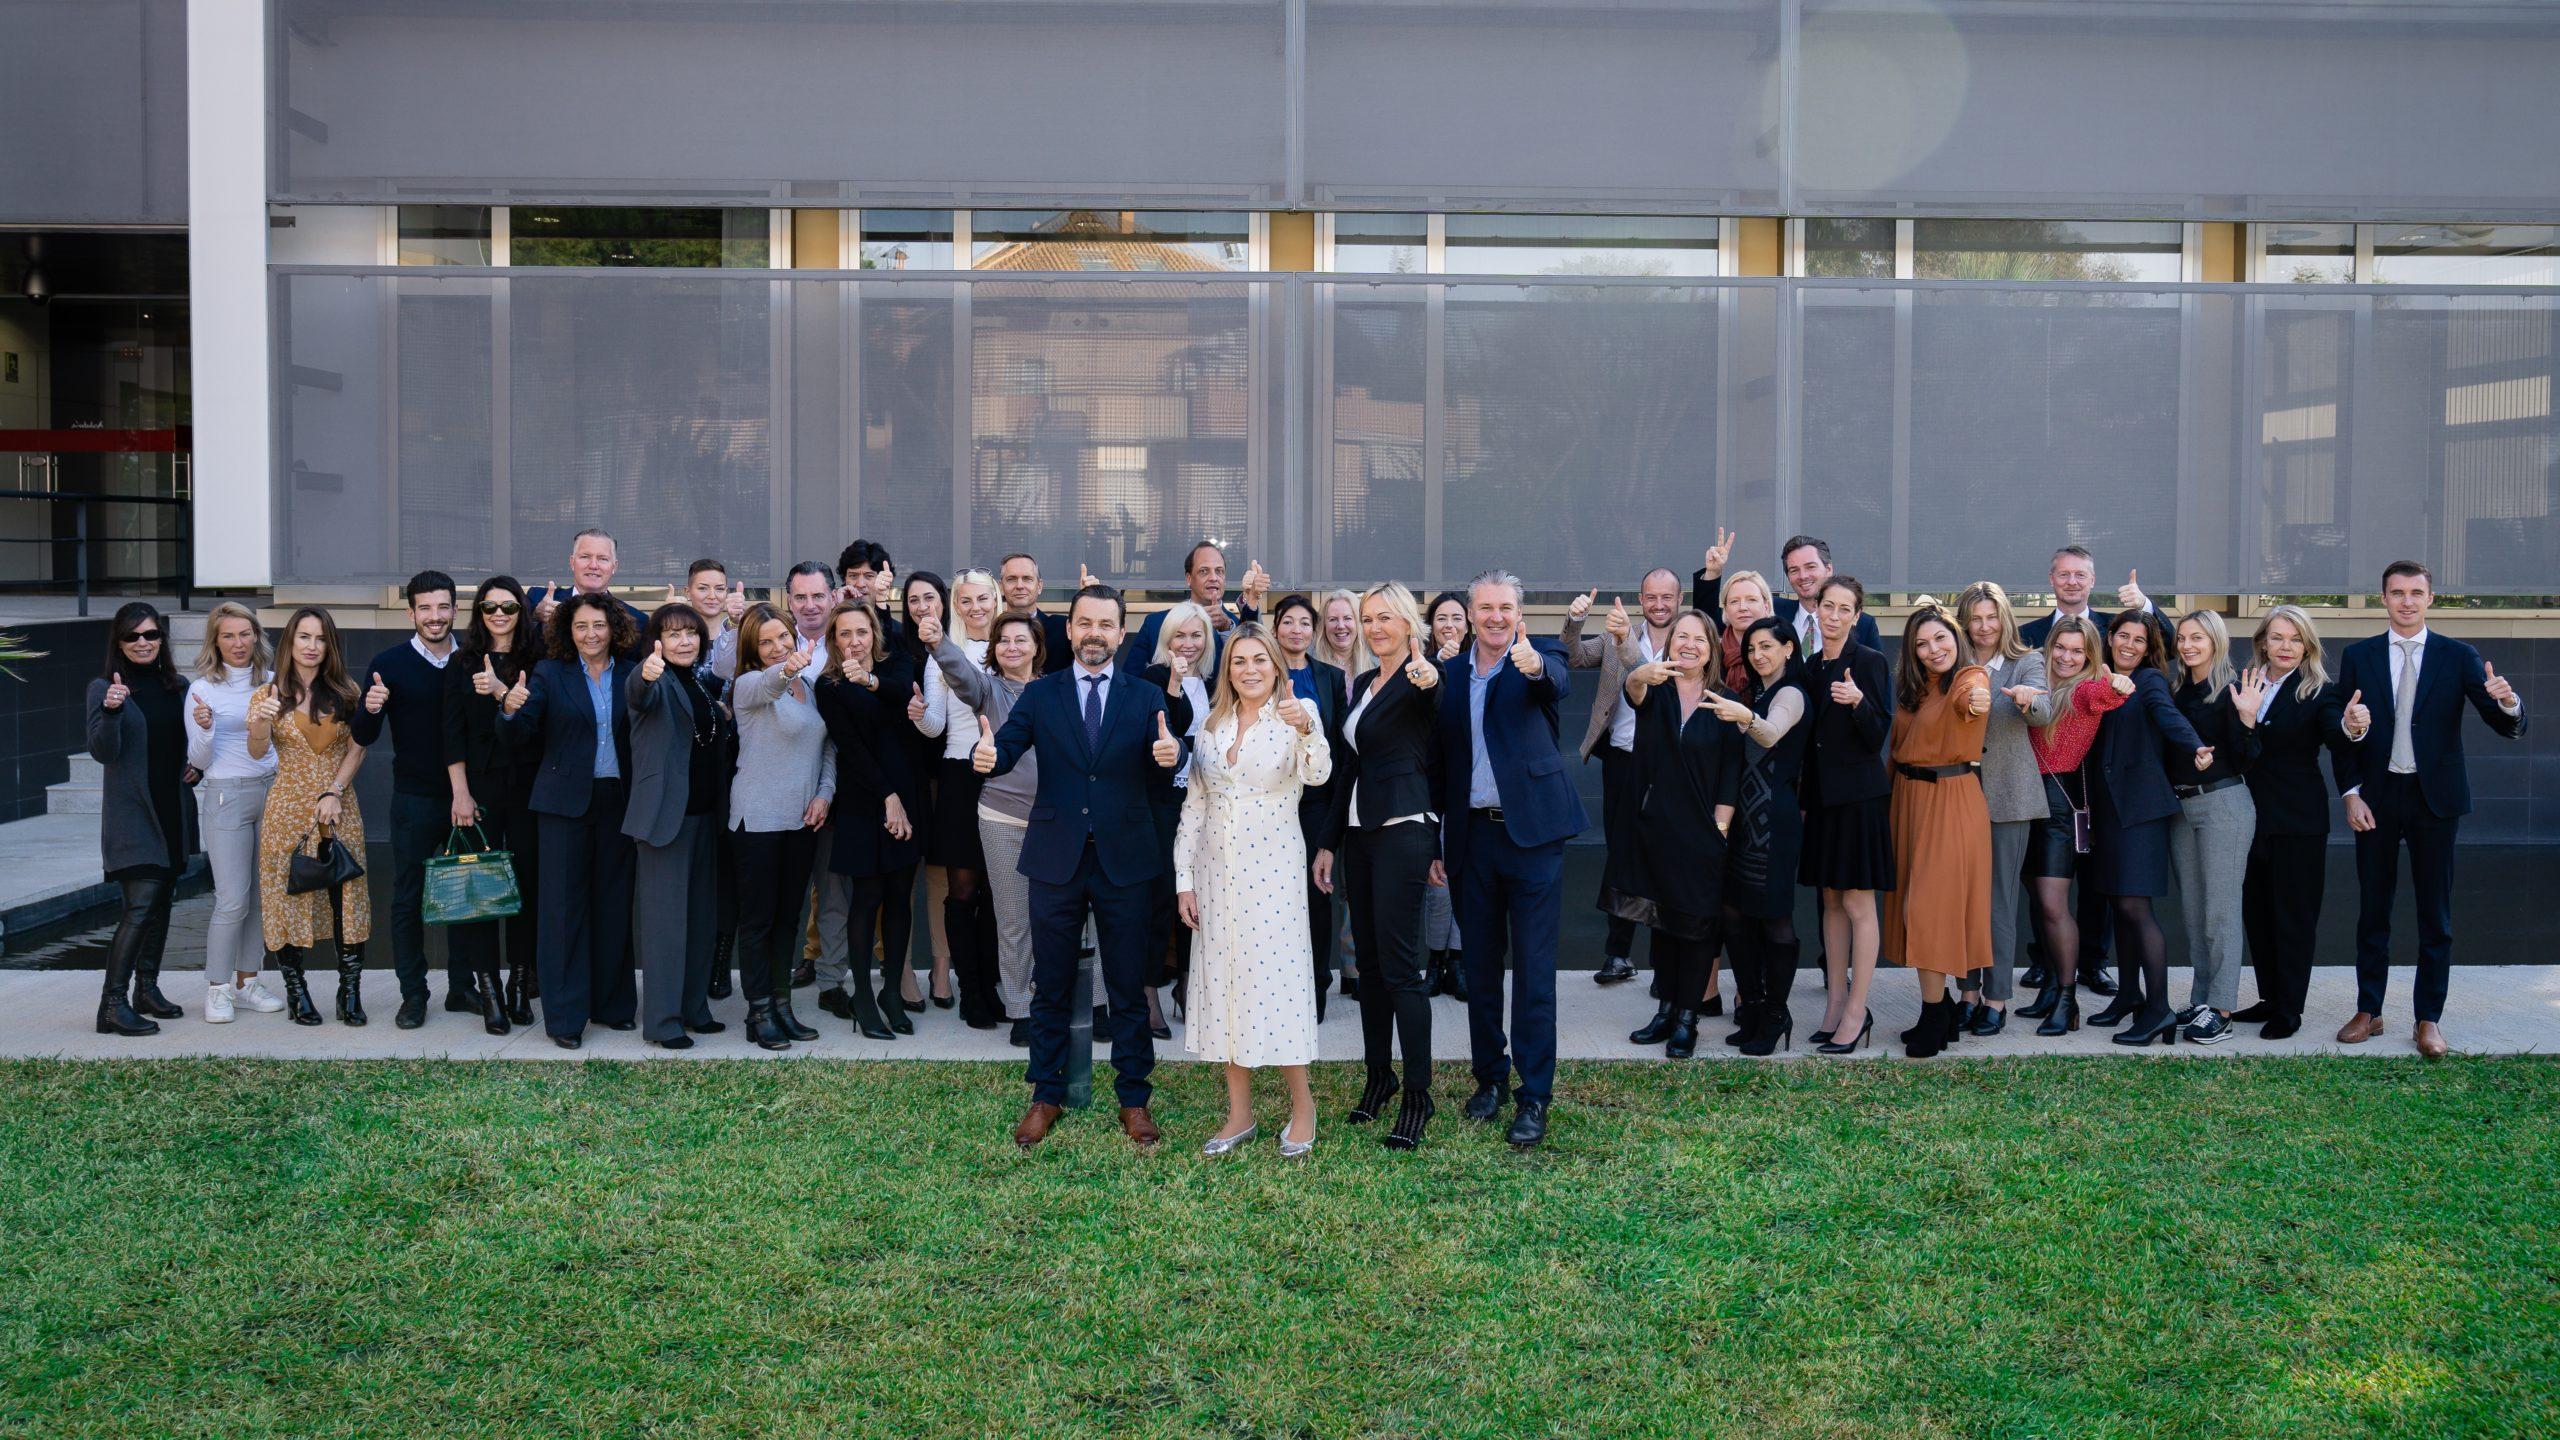 Engel & Volkers Marbella Team